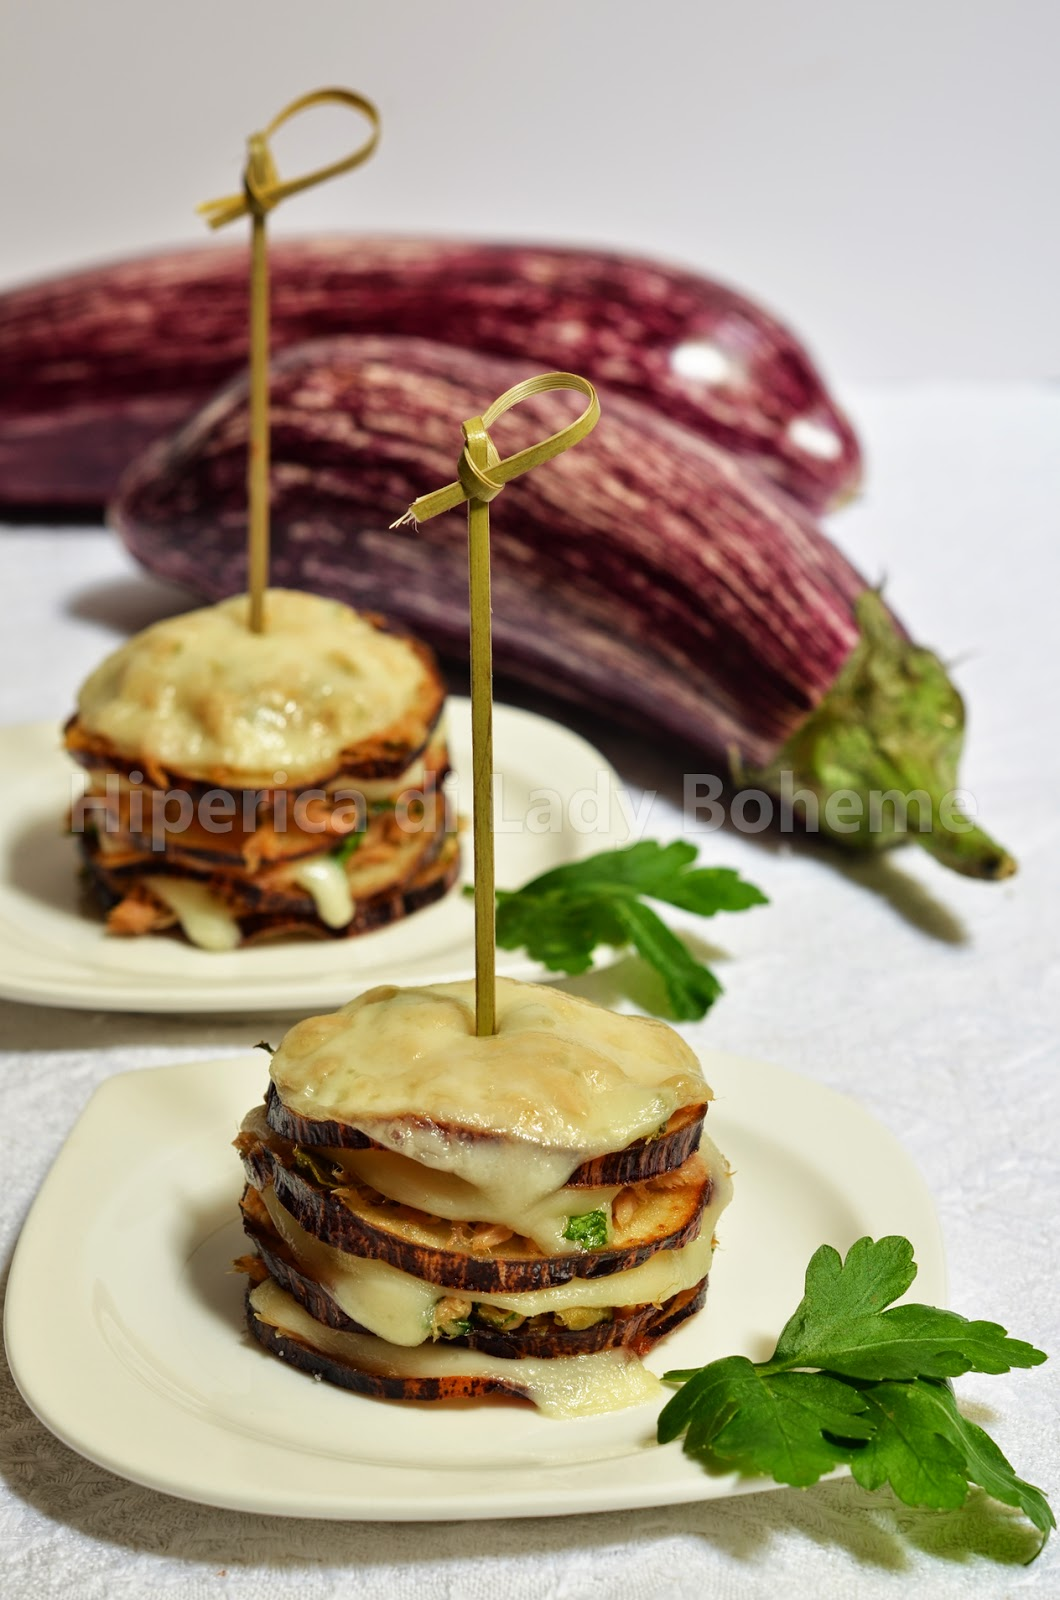 hiperica_lady_boheme_blog_cucina_ricette_gustose_facili_veloci_torrette_di_melanzane_con_tonno_1